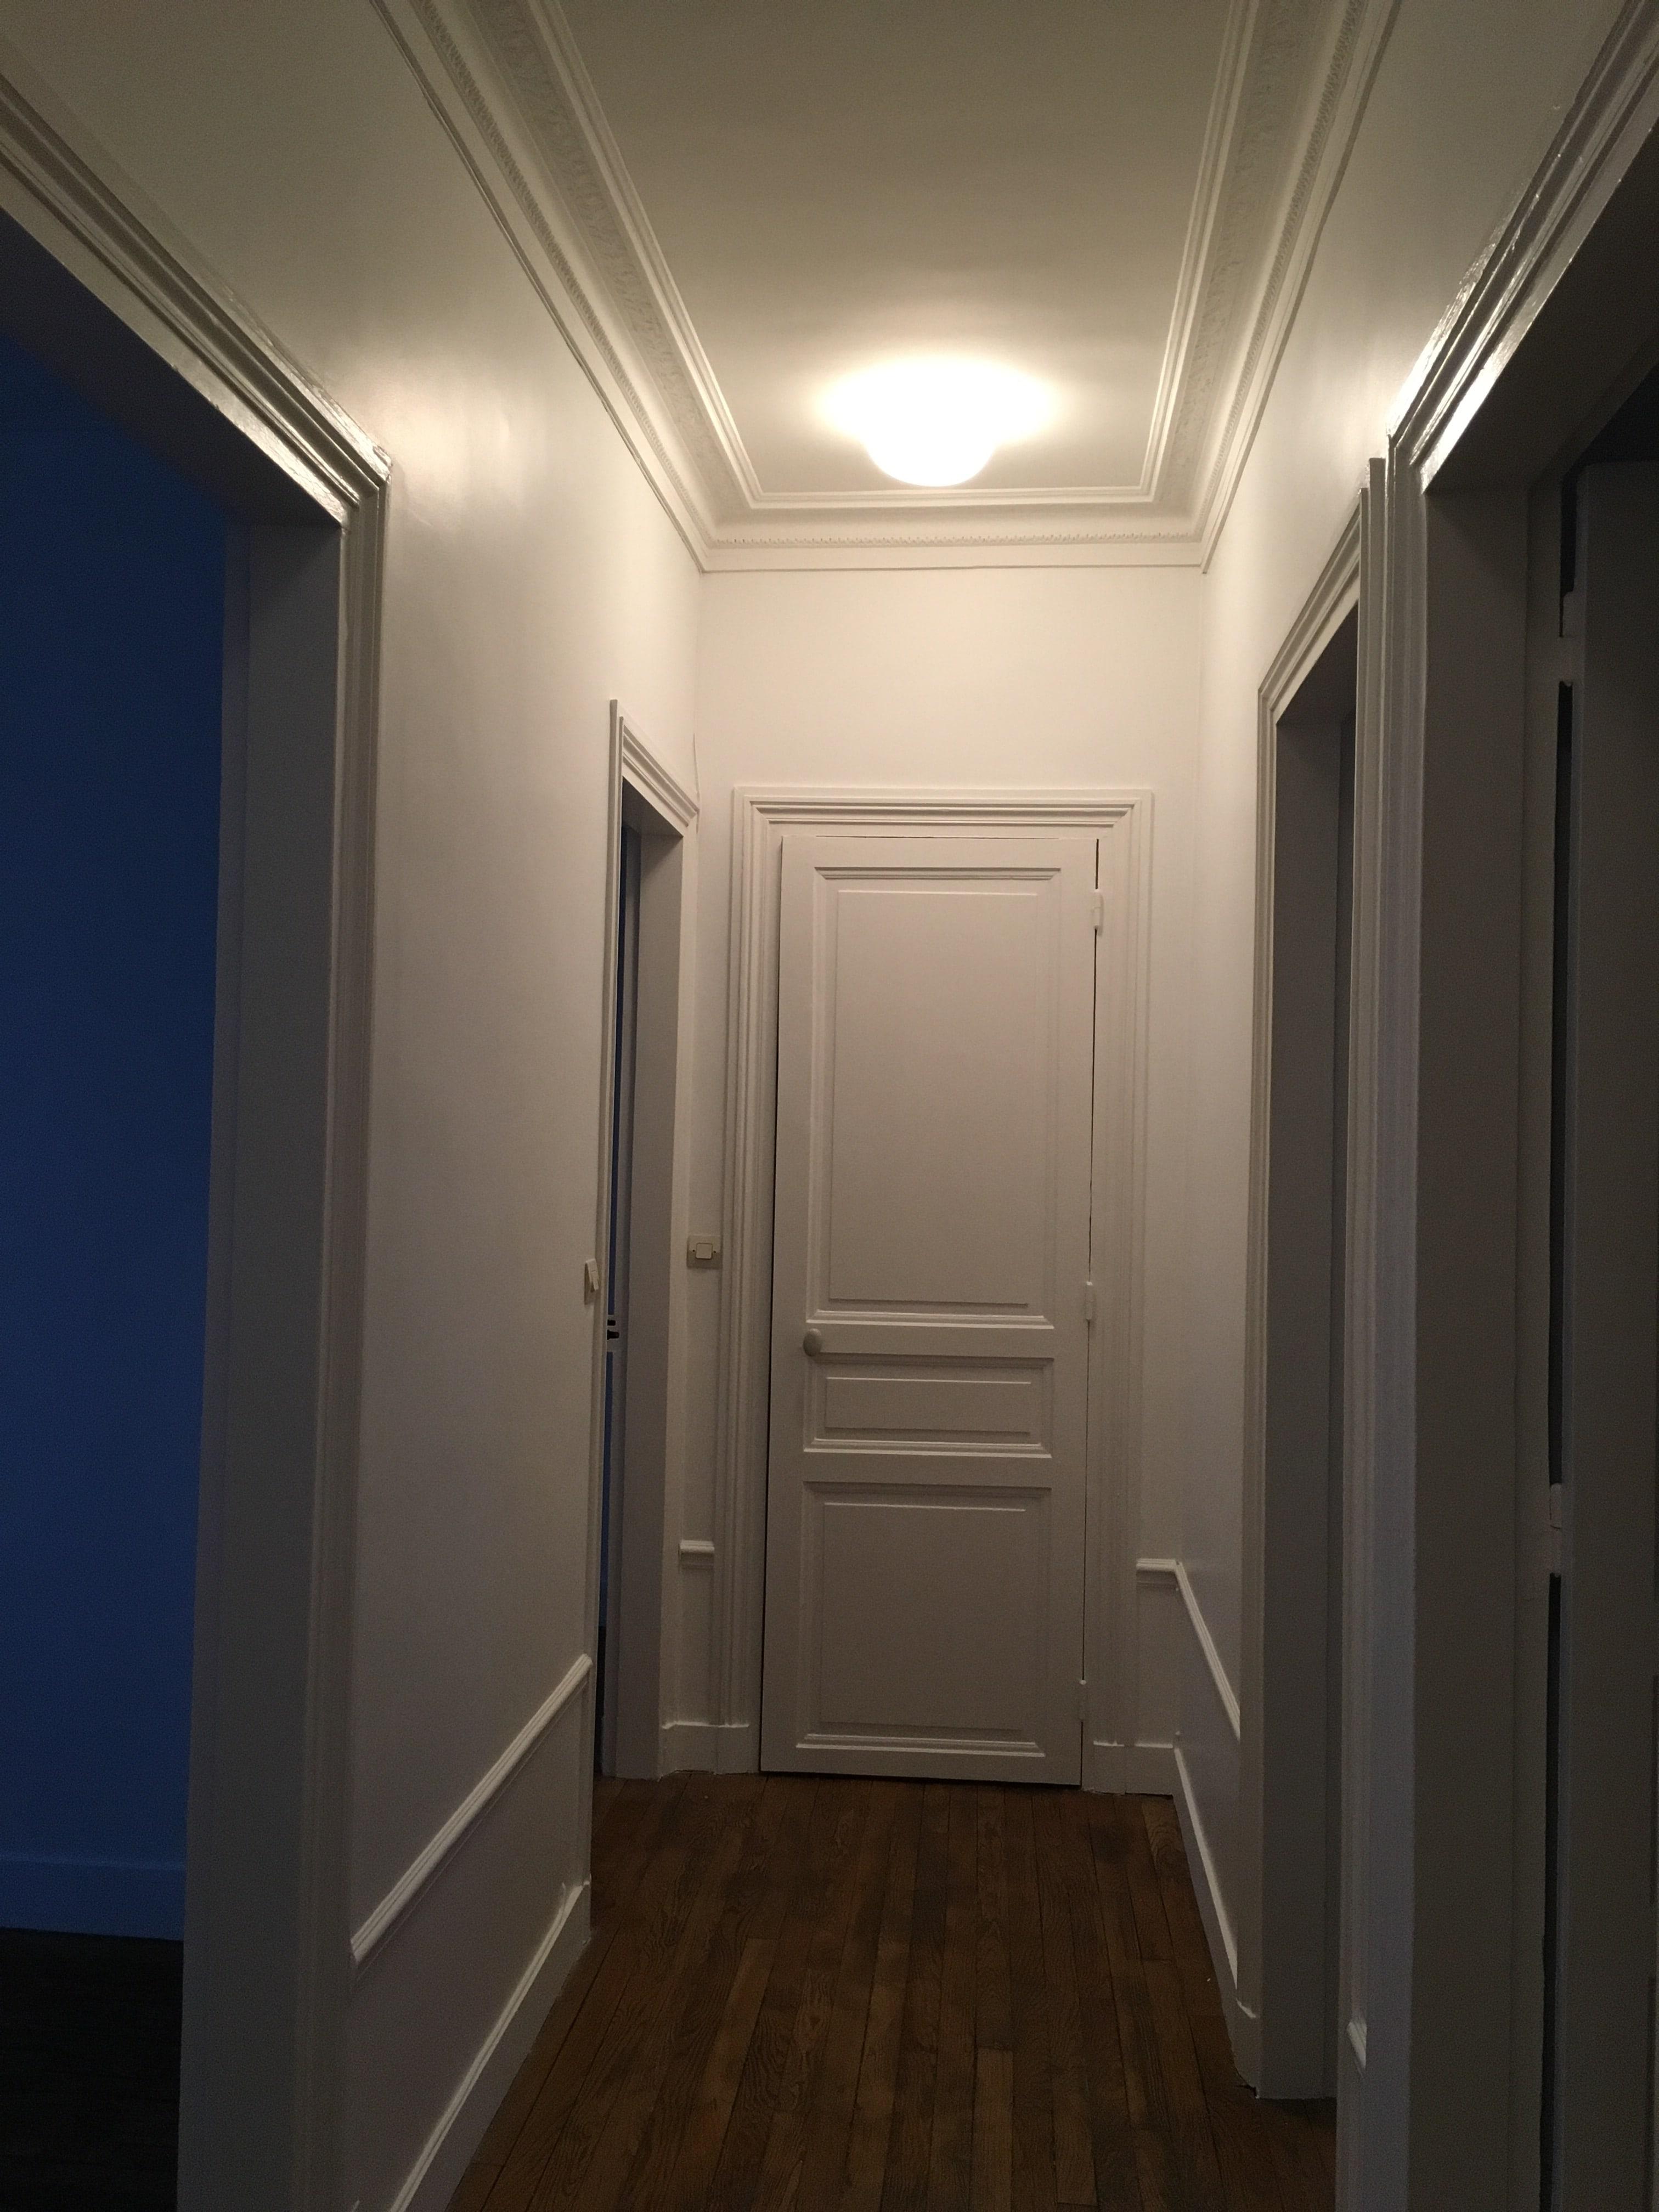 couloir 2-texas-batiment-maghawry-peinture-interieur-min